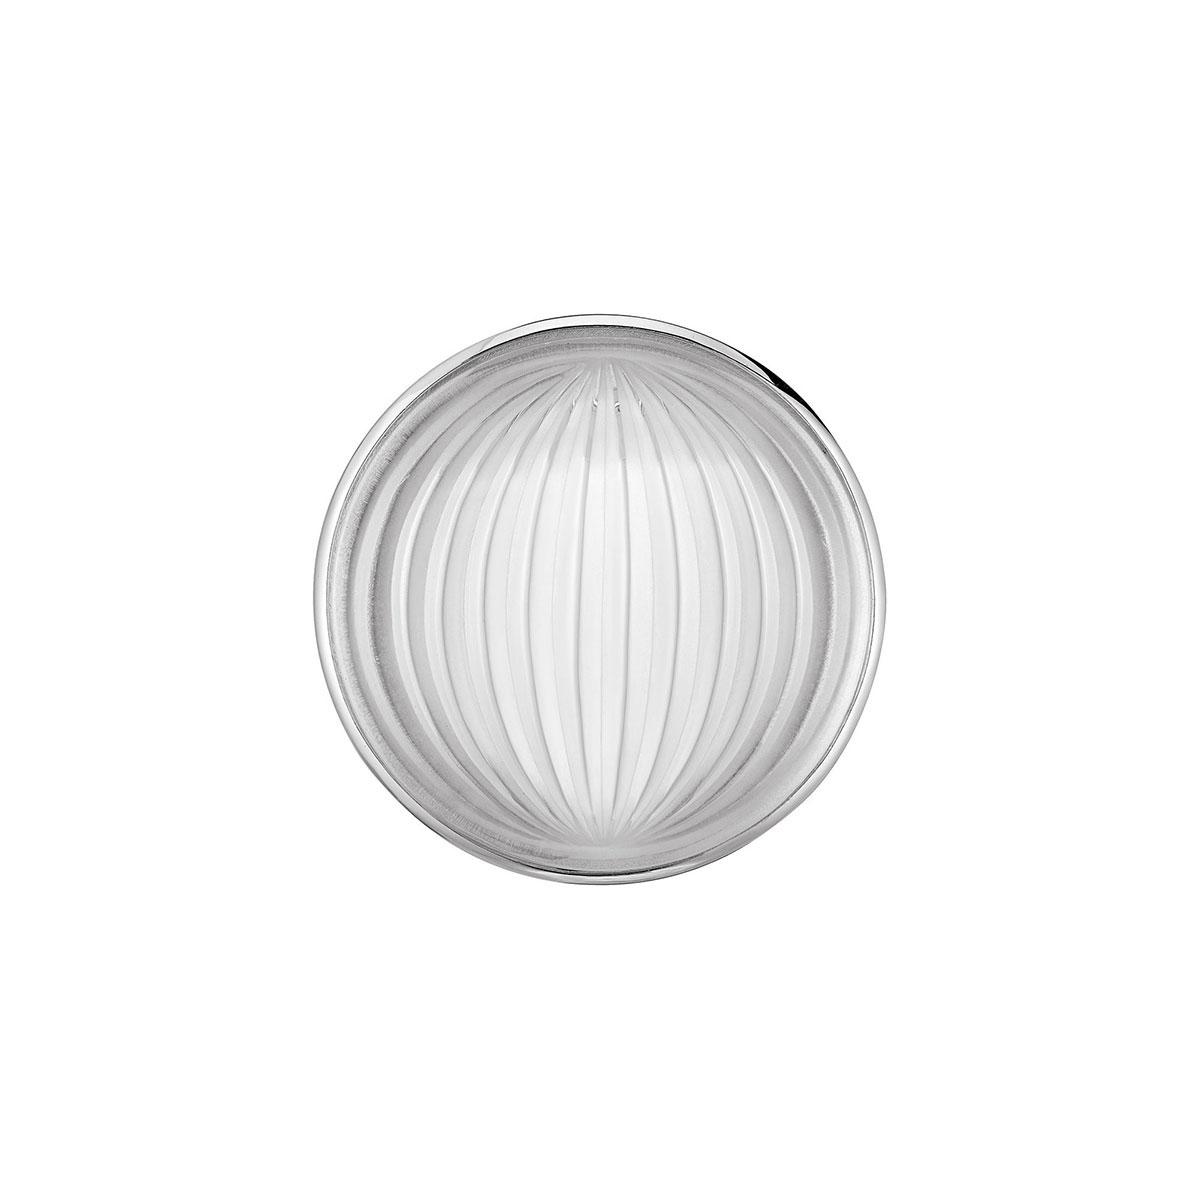 Lalique Crystal Vibrante Round Brooch, Silver